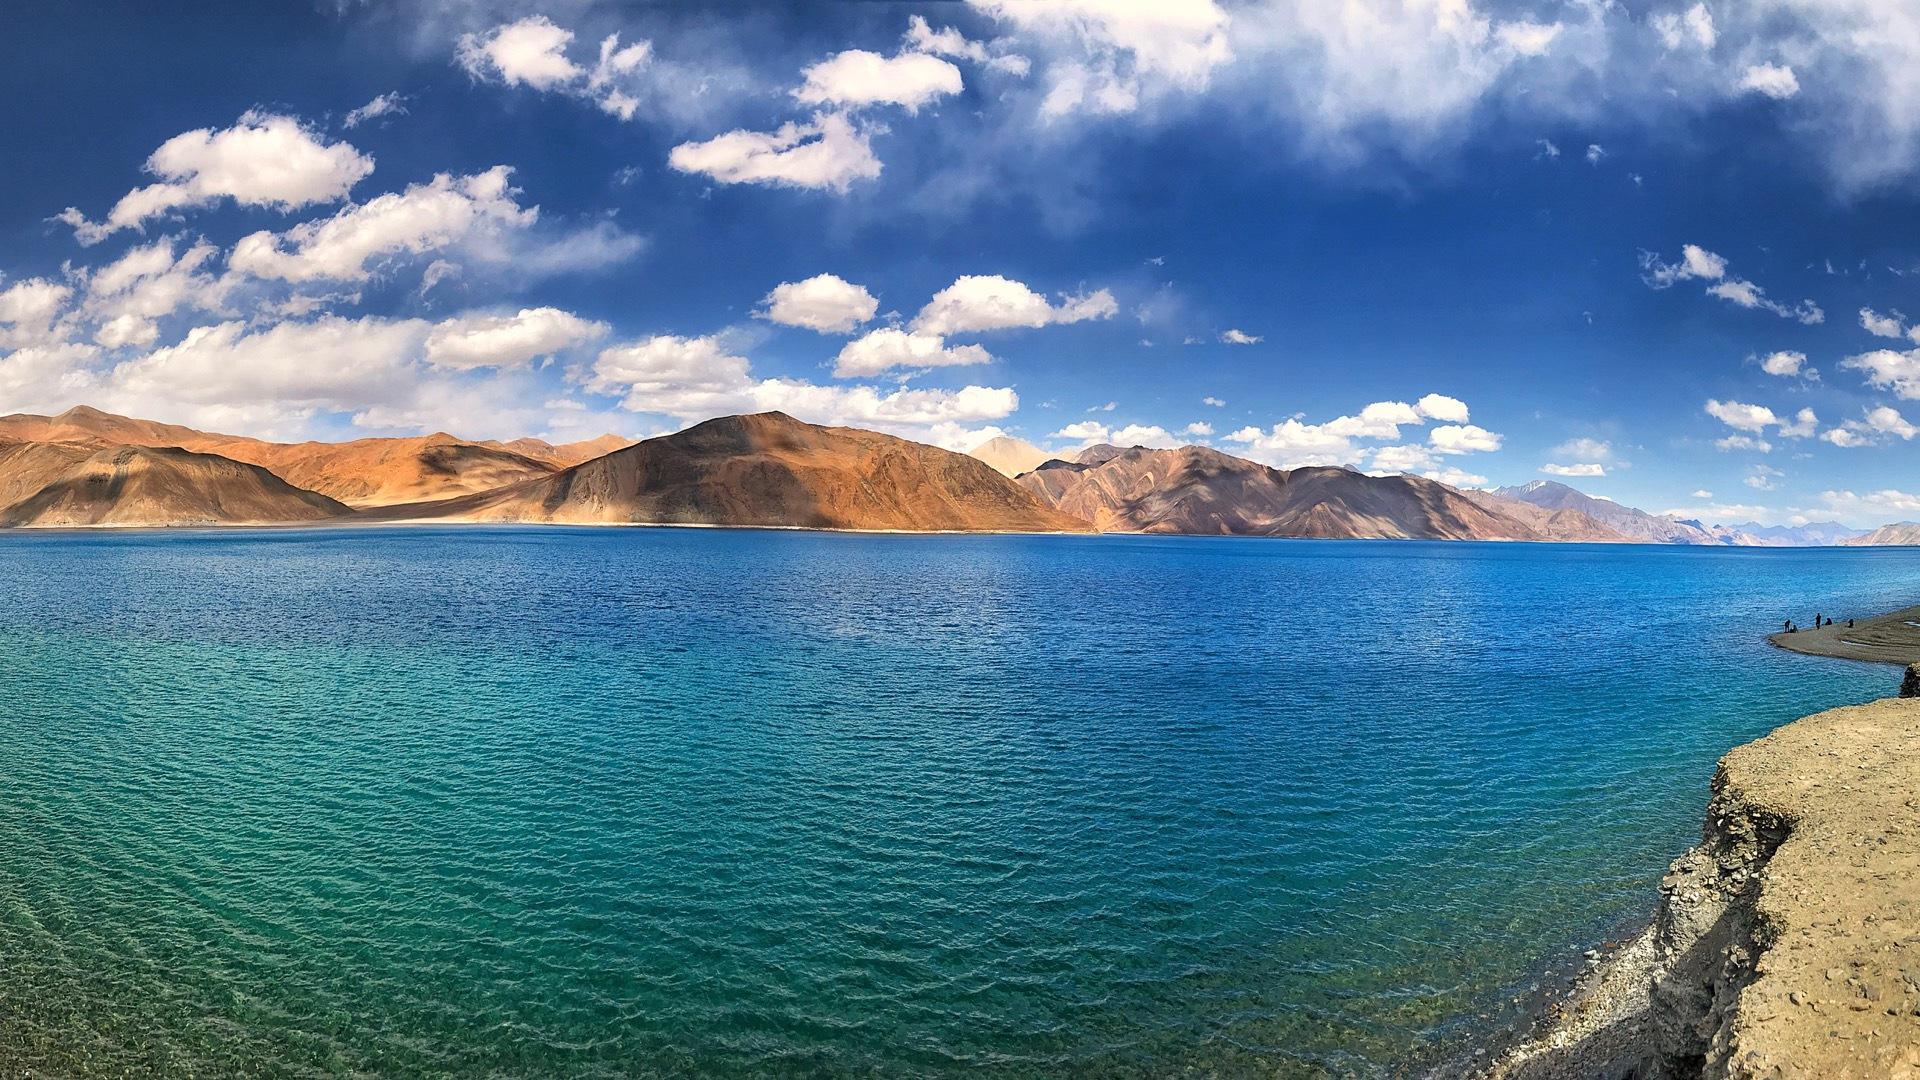 Serenity by Anish Bhandari